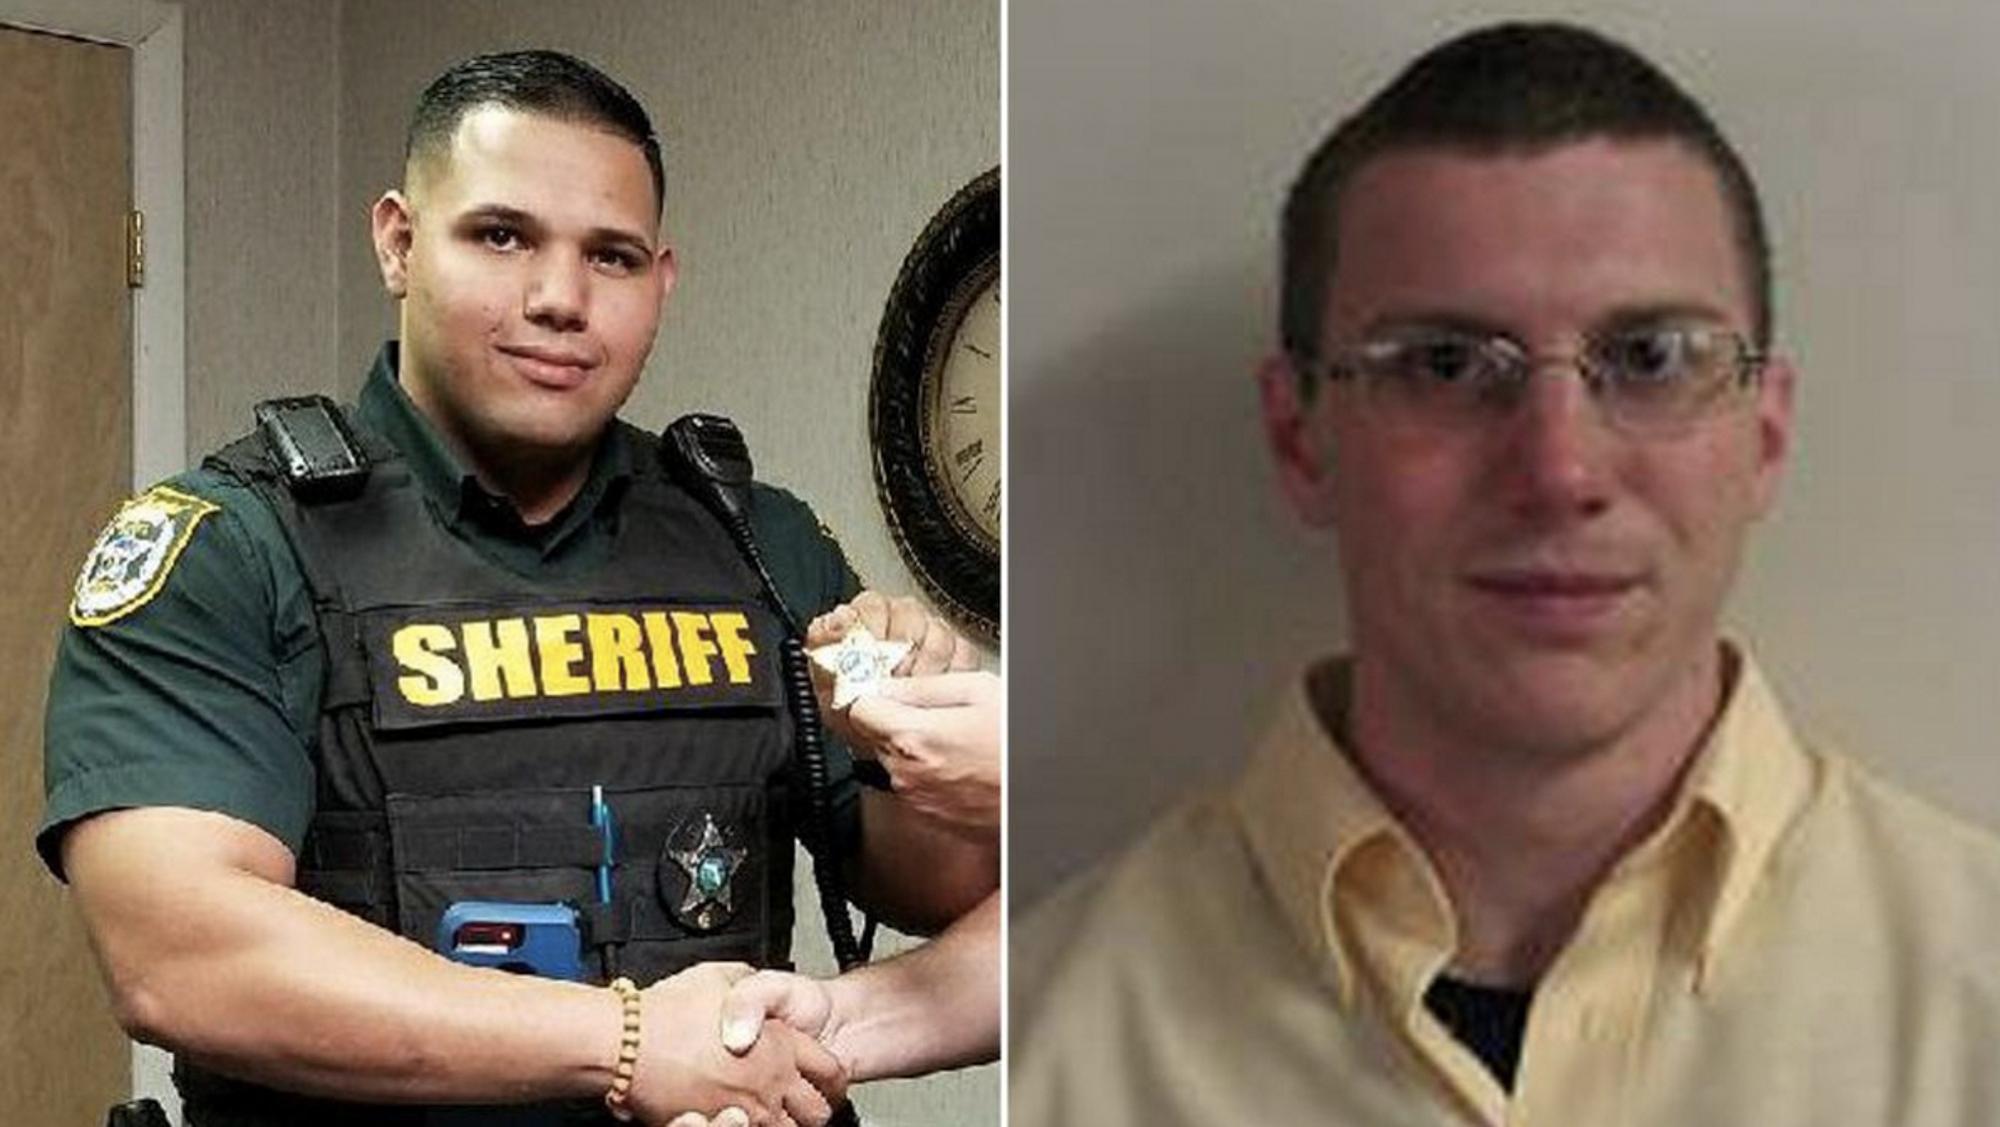 Δύο βουλευτές του σερίφη της Φλόριντα σκοτώθηκαν σε ενέδρα στο κινέζικο εστιατόριο